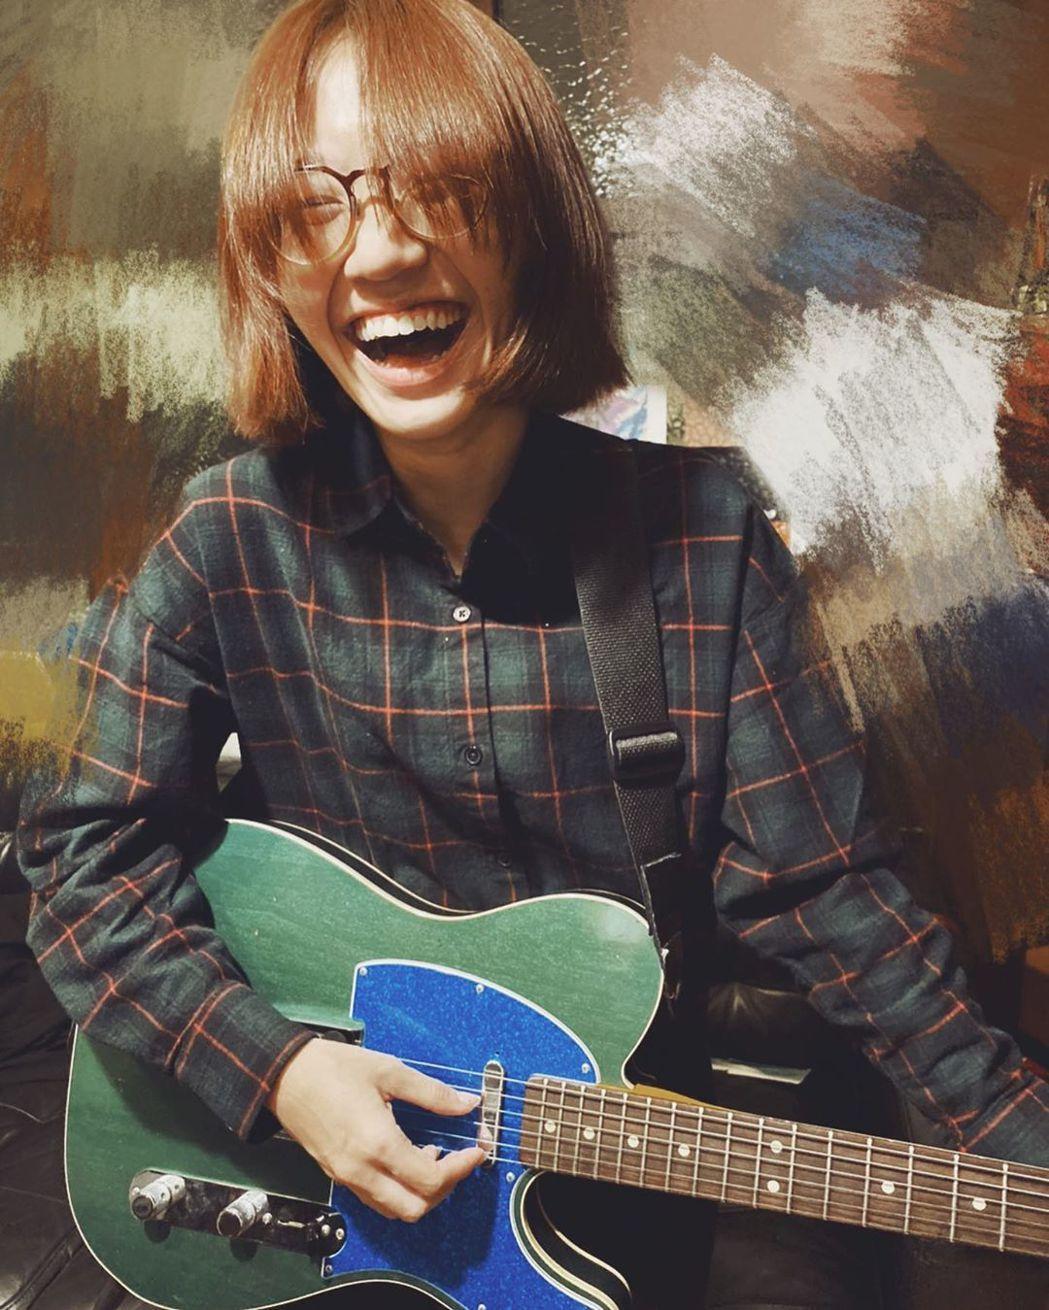 Lulu目前在學彈吉他。 圖/擷自Lulu IG